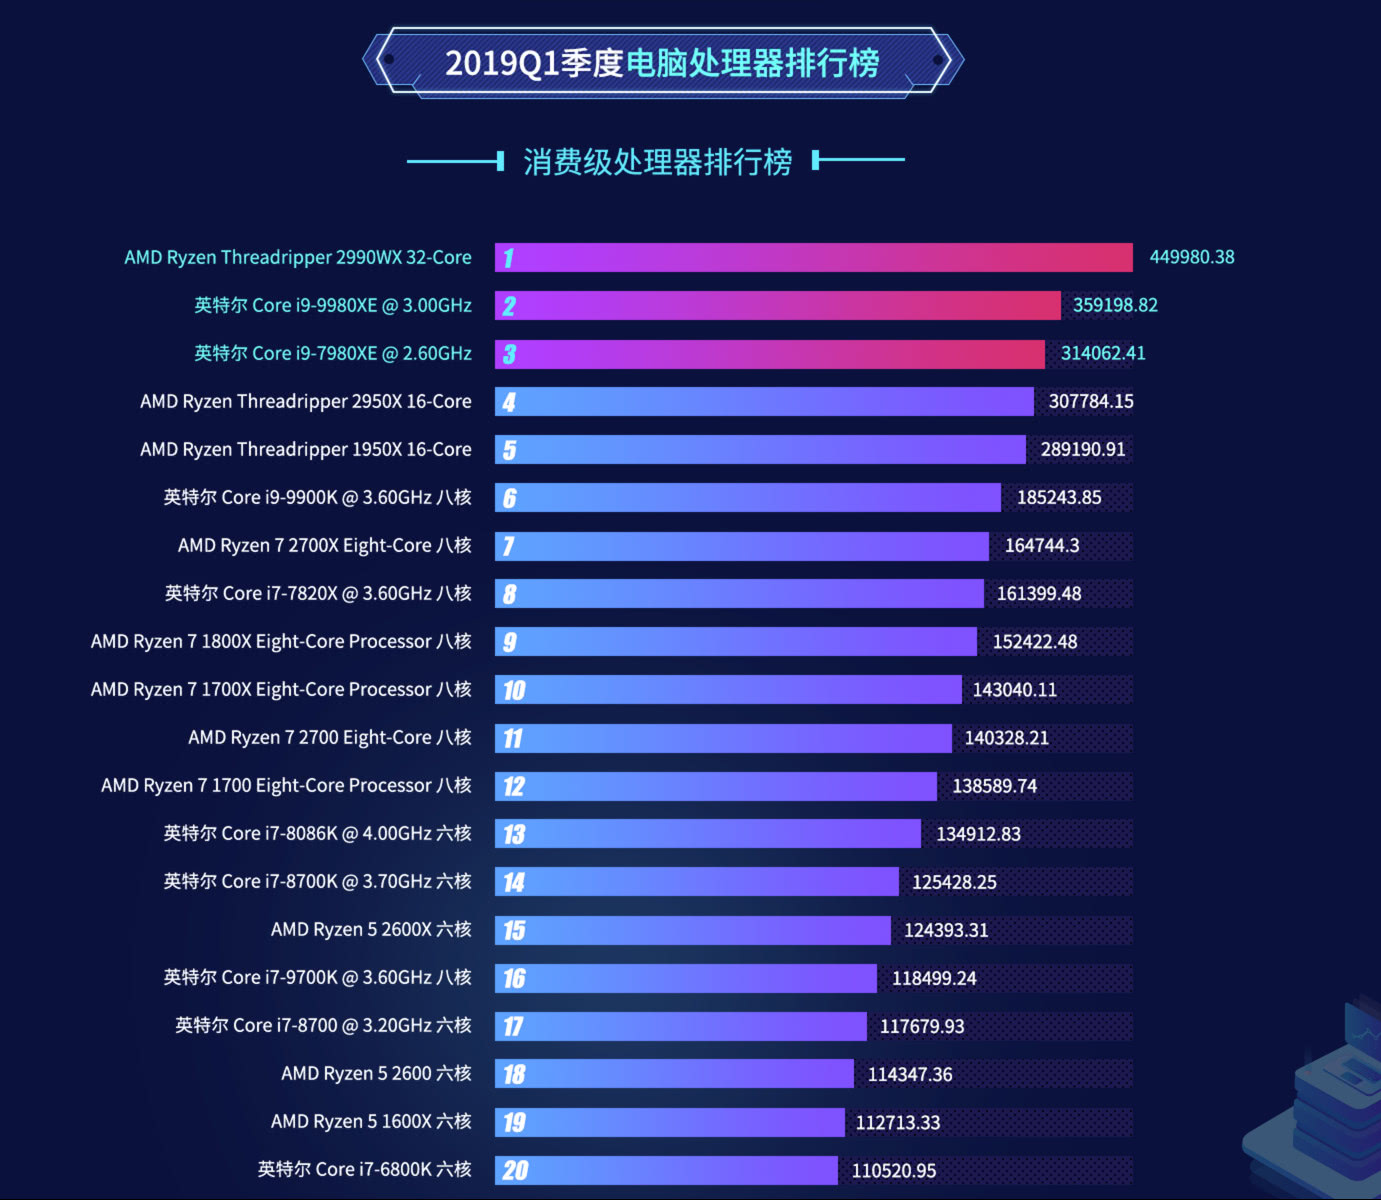 2019英特尔排行_手机CPU性能排行榜天梯图2019:CPU天梯图2019年4月新版4